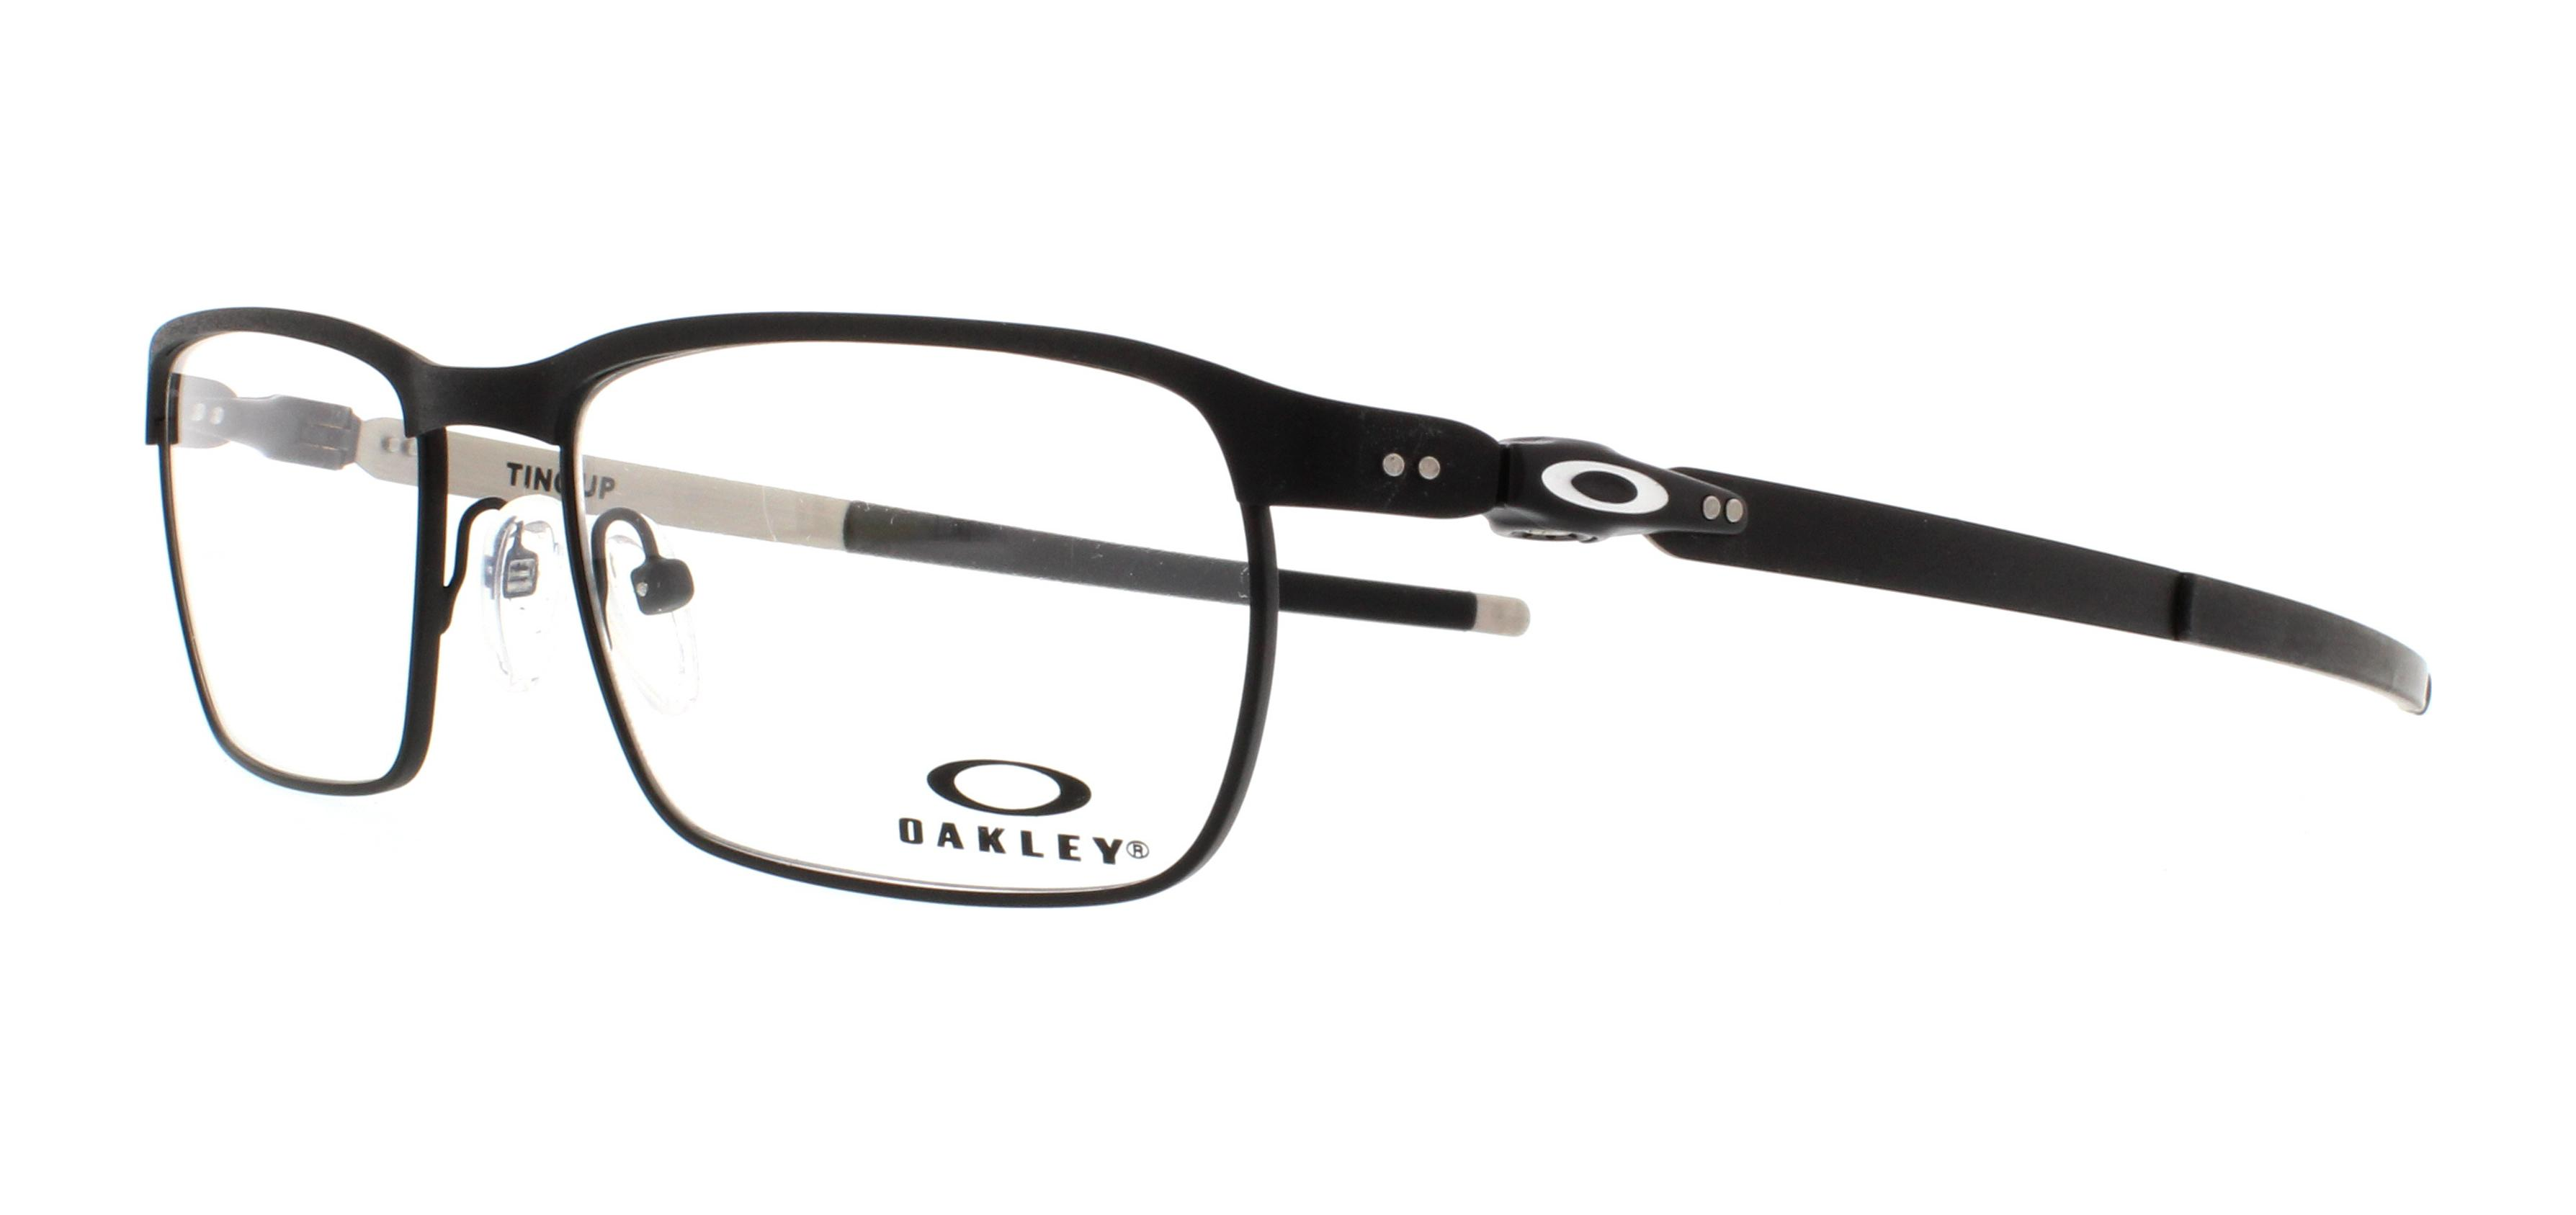 8189db885ff3 Designer Frames Outlet. Oakley TINCUP